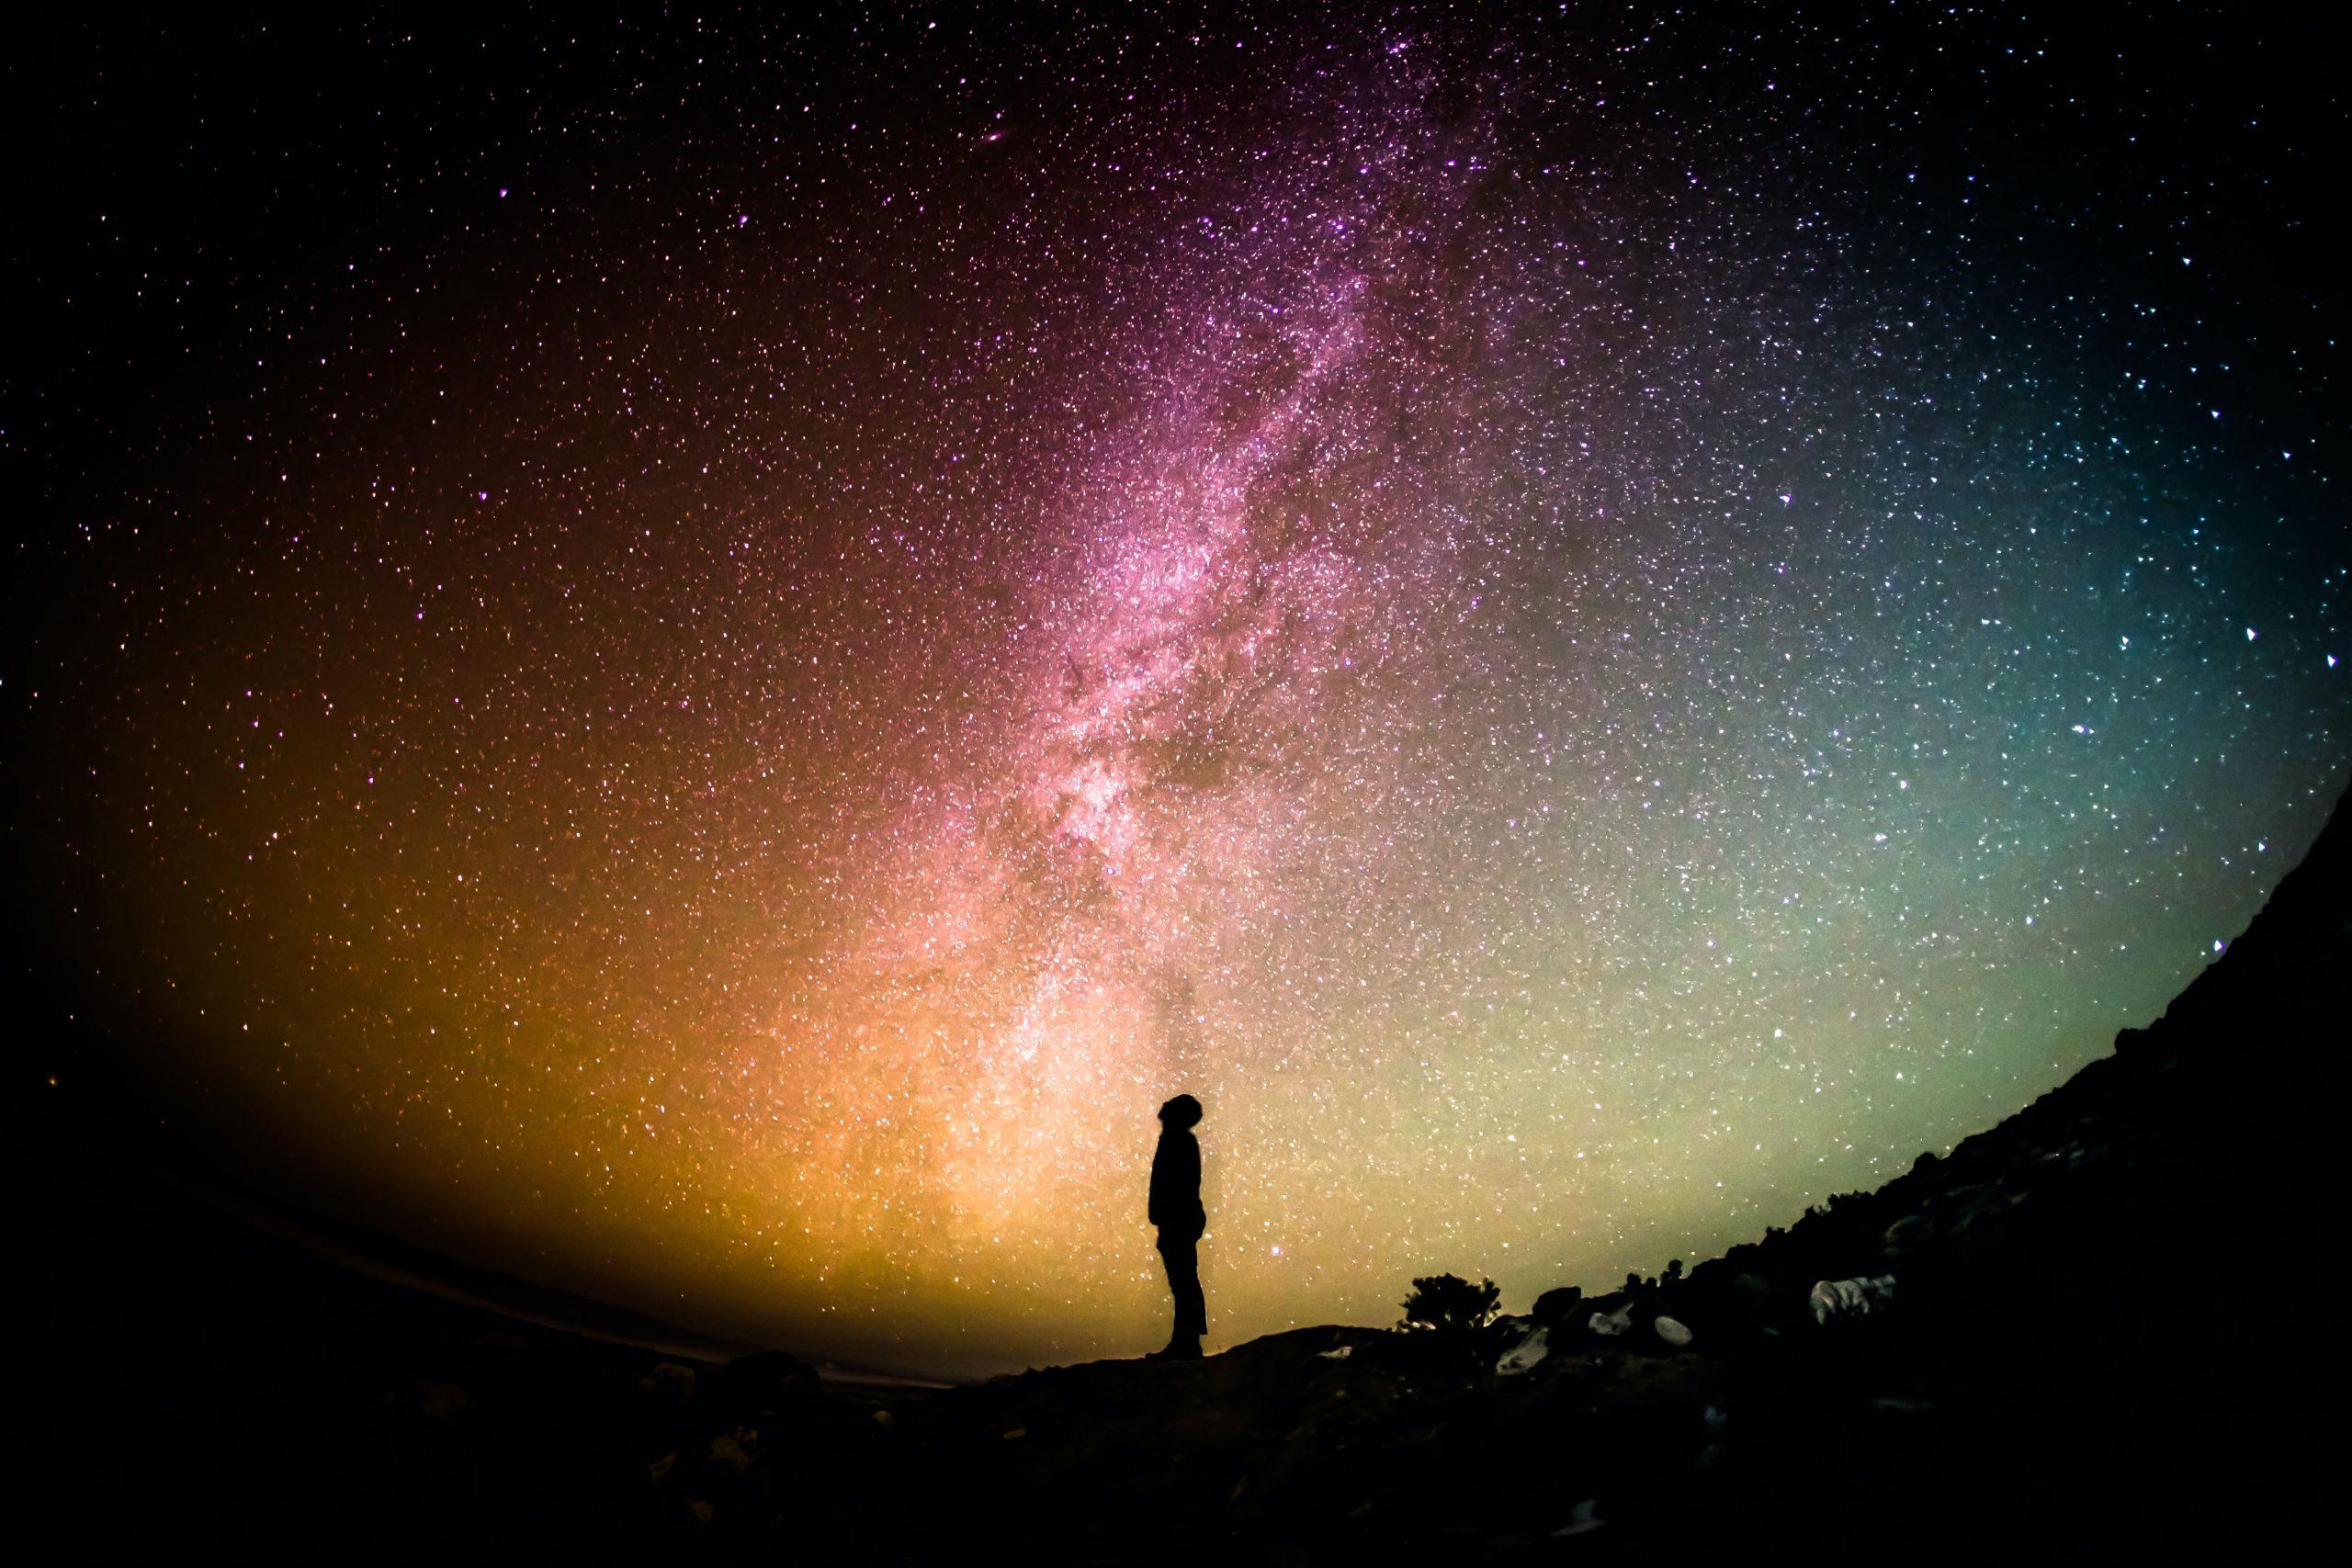 Lebenszeit im Hinblick auf das Universum